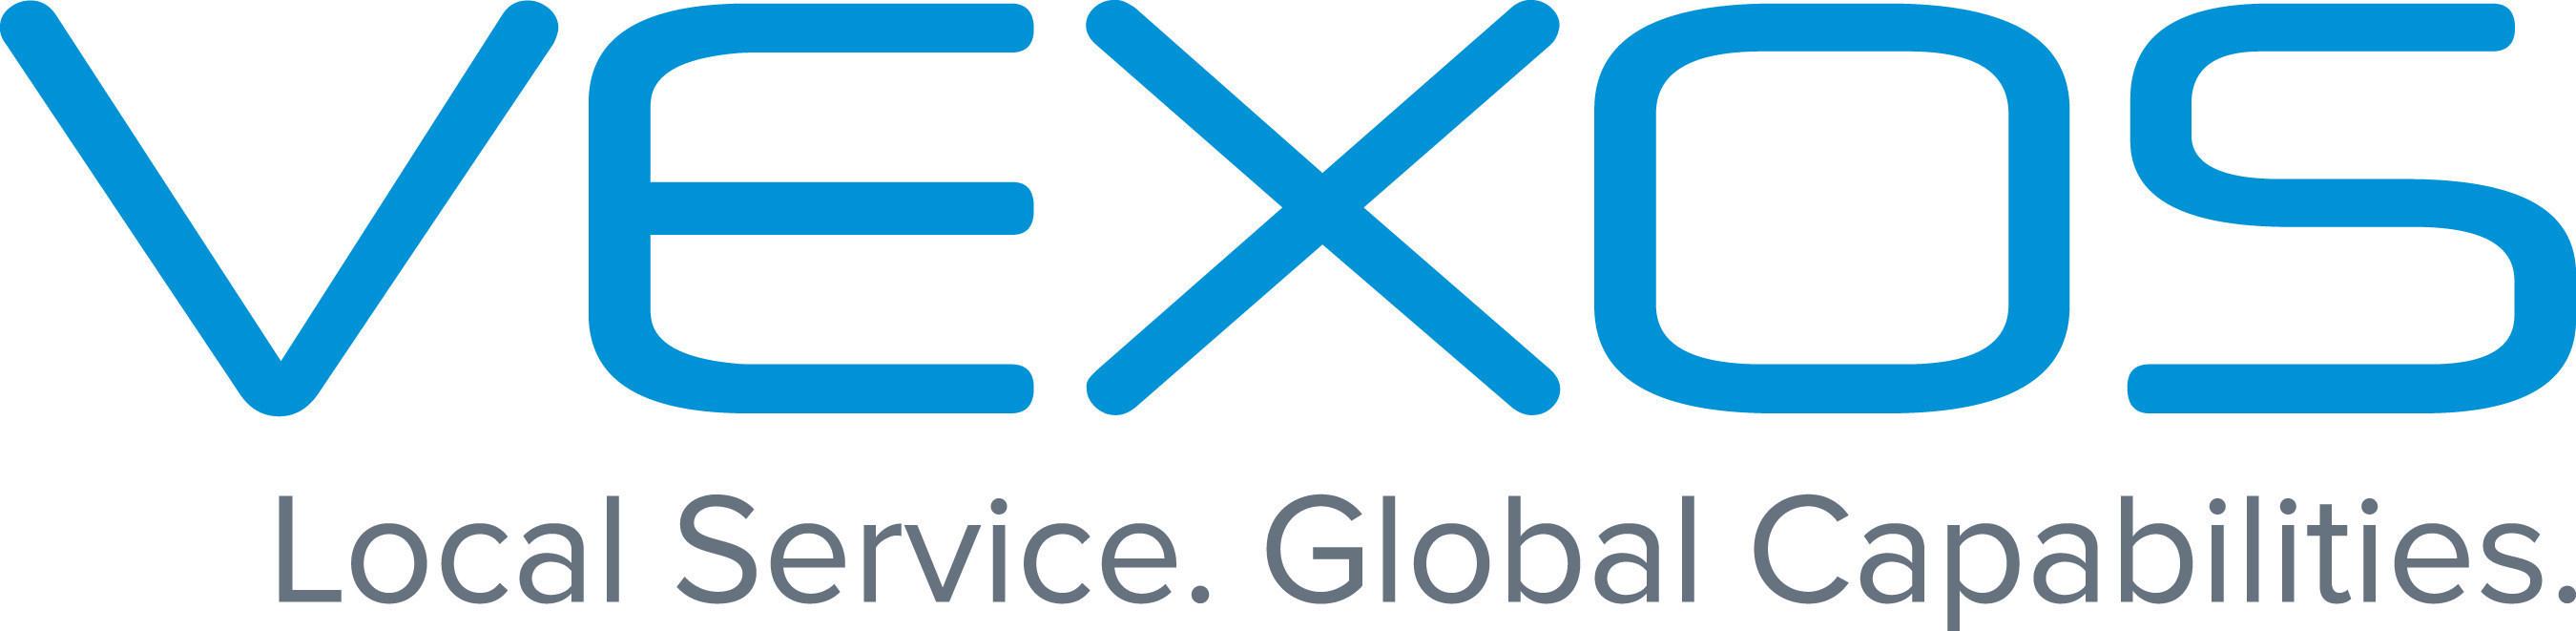 Vexos Logo www.vexos.com